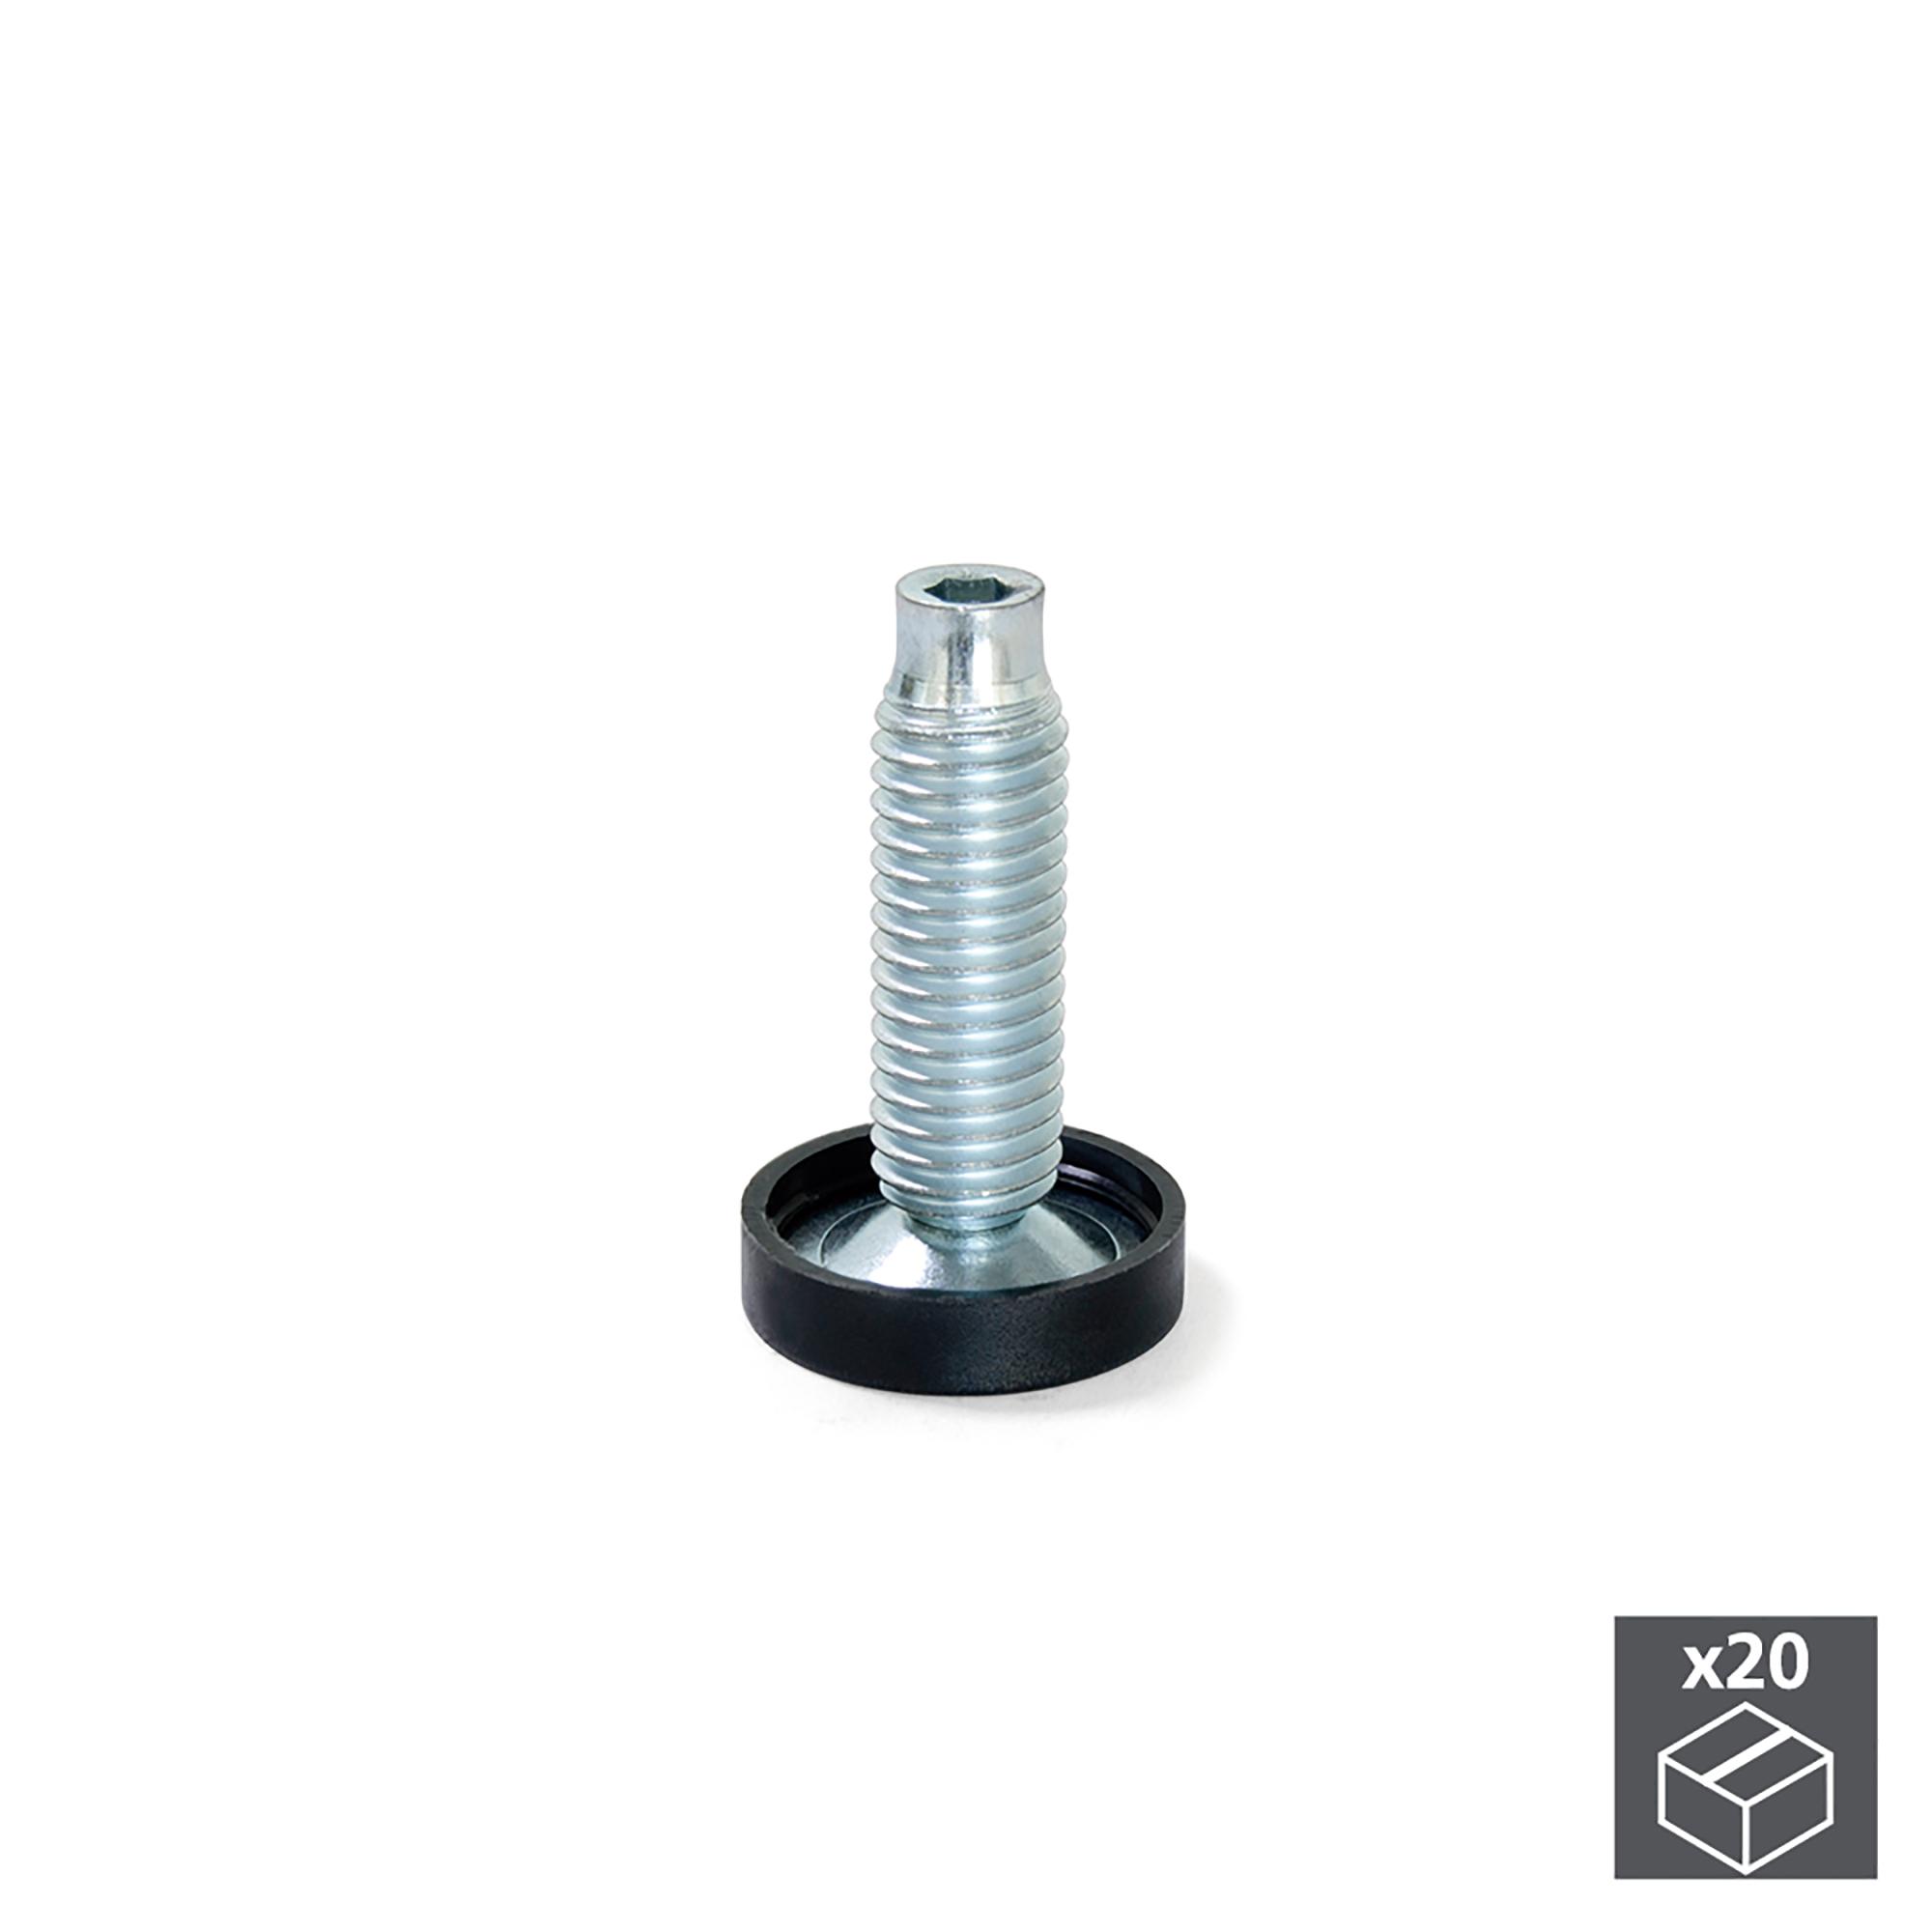 Emuca Piedino regolabile per mobile, base circolare, M 10, D. 23 mm, altezza 38 mm, Acciaio e Plastica, 20 u.